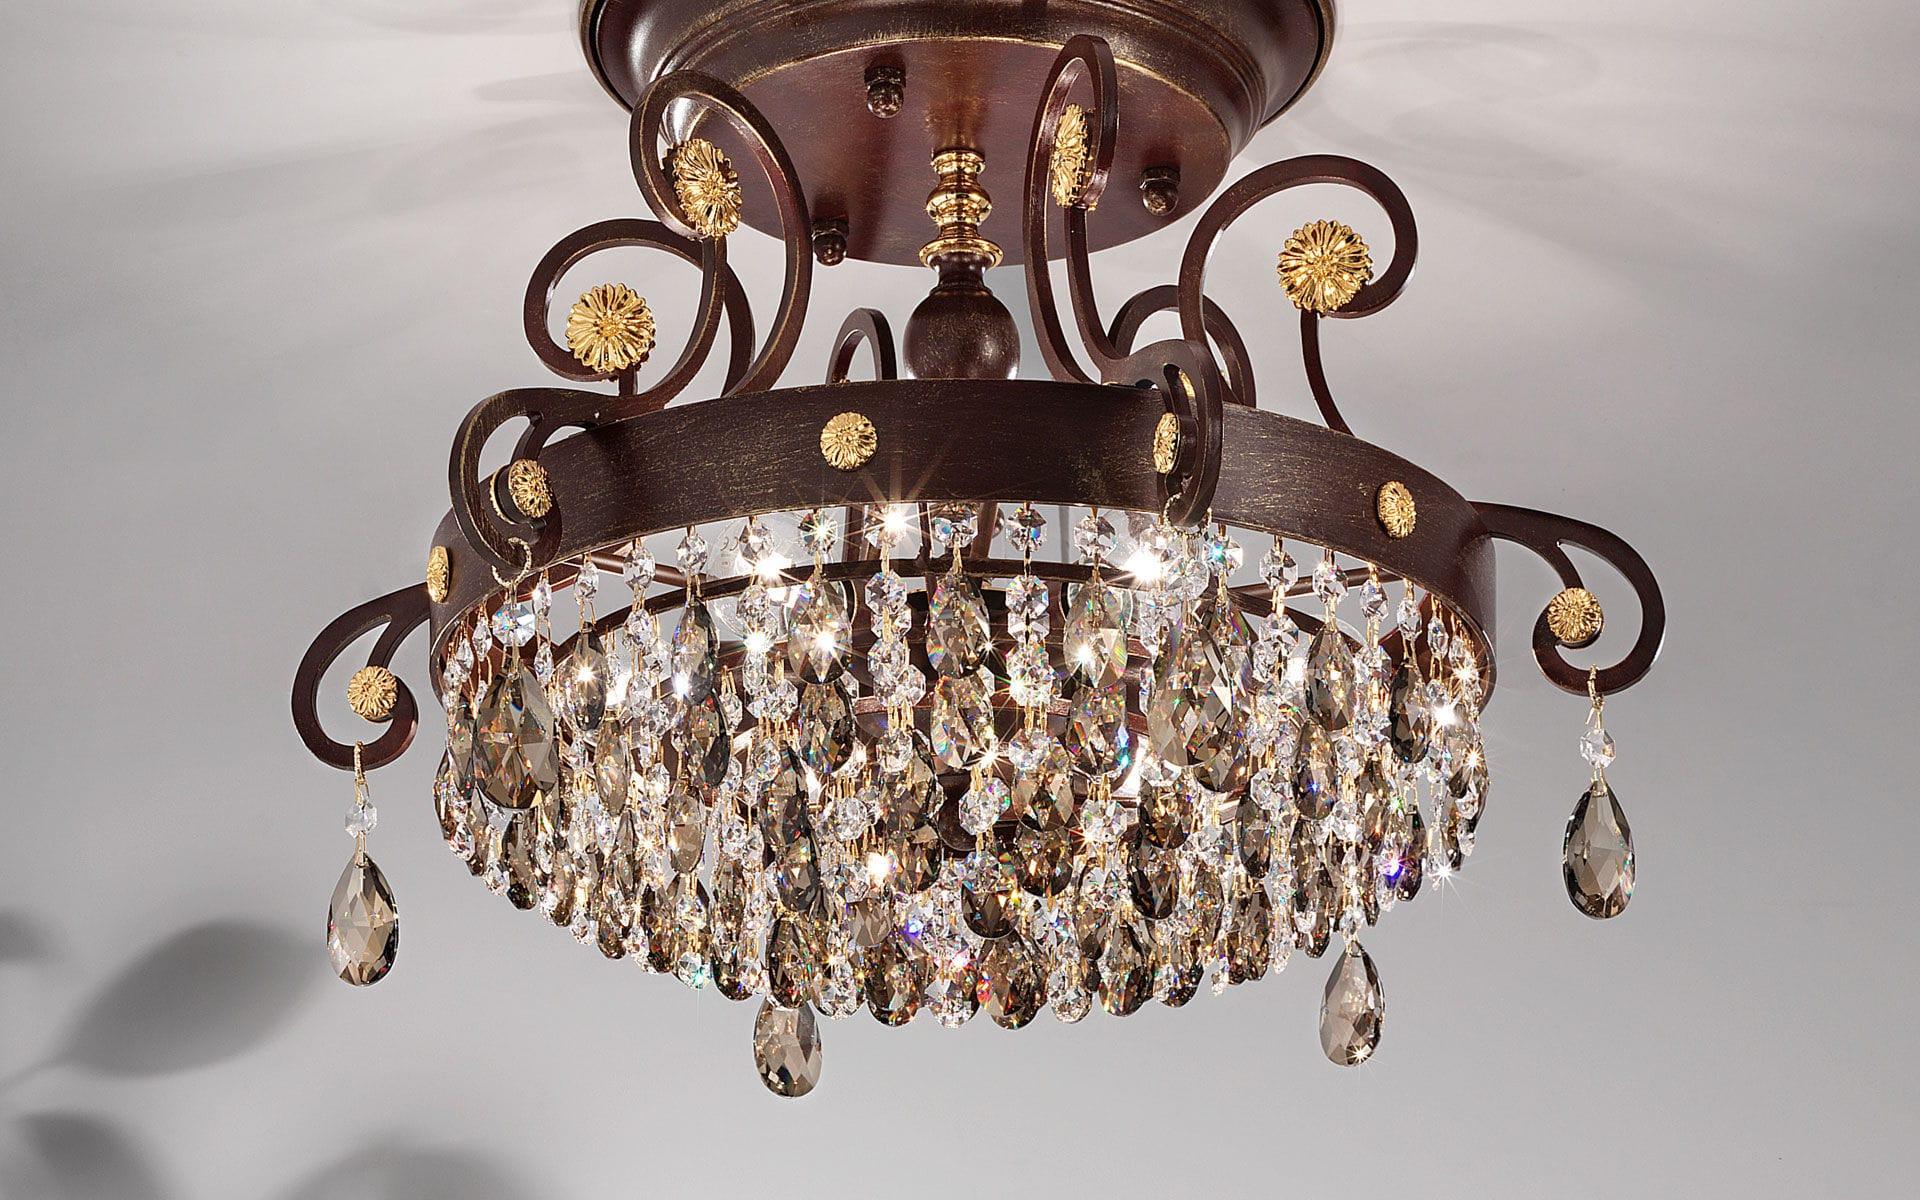 Plafoniere Con Swarovski : Produciamo lampadari applique lampade plafoniere lume e